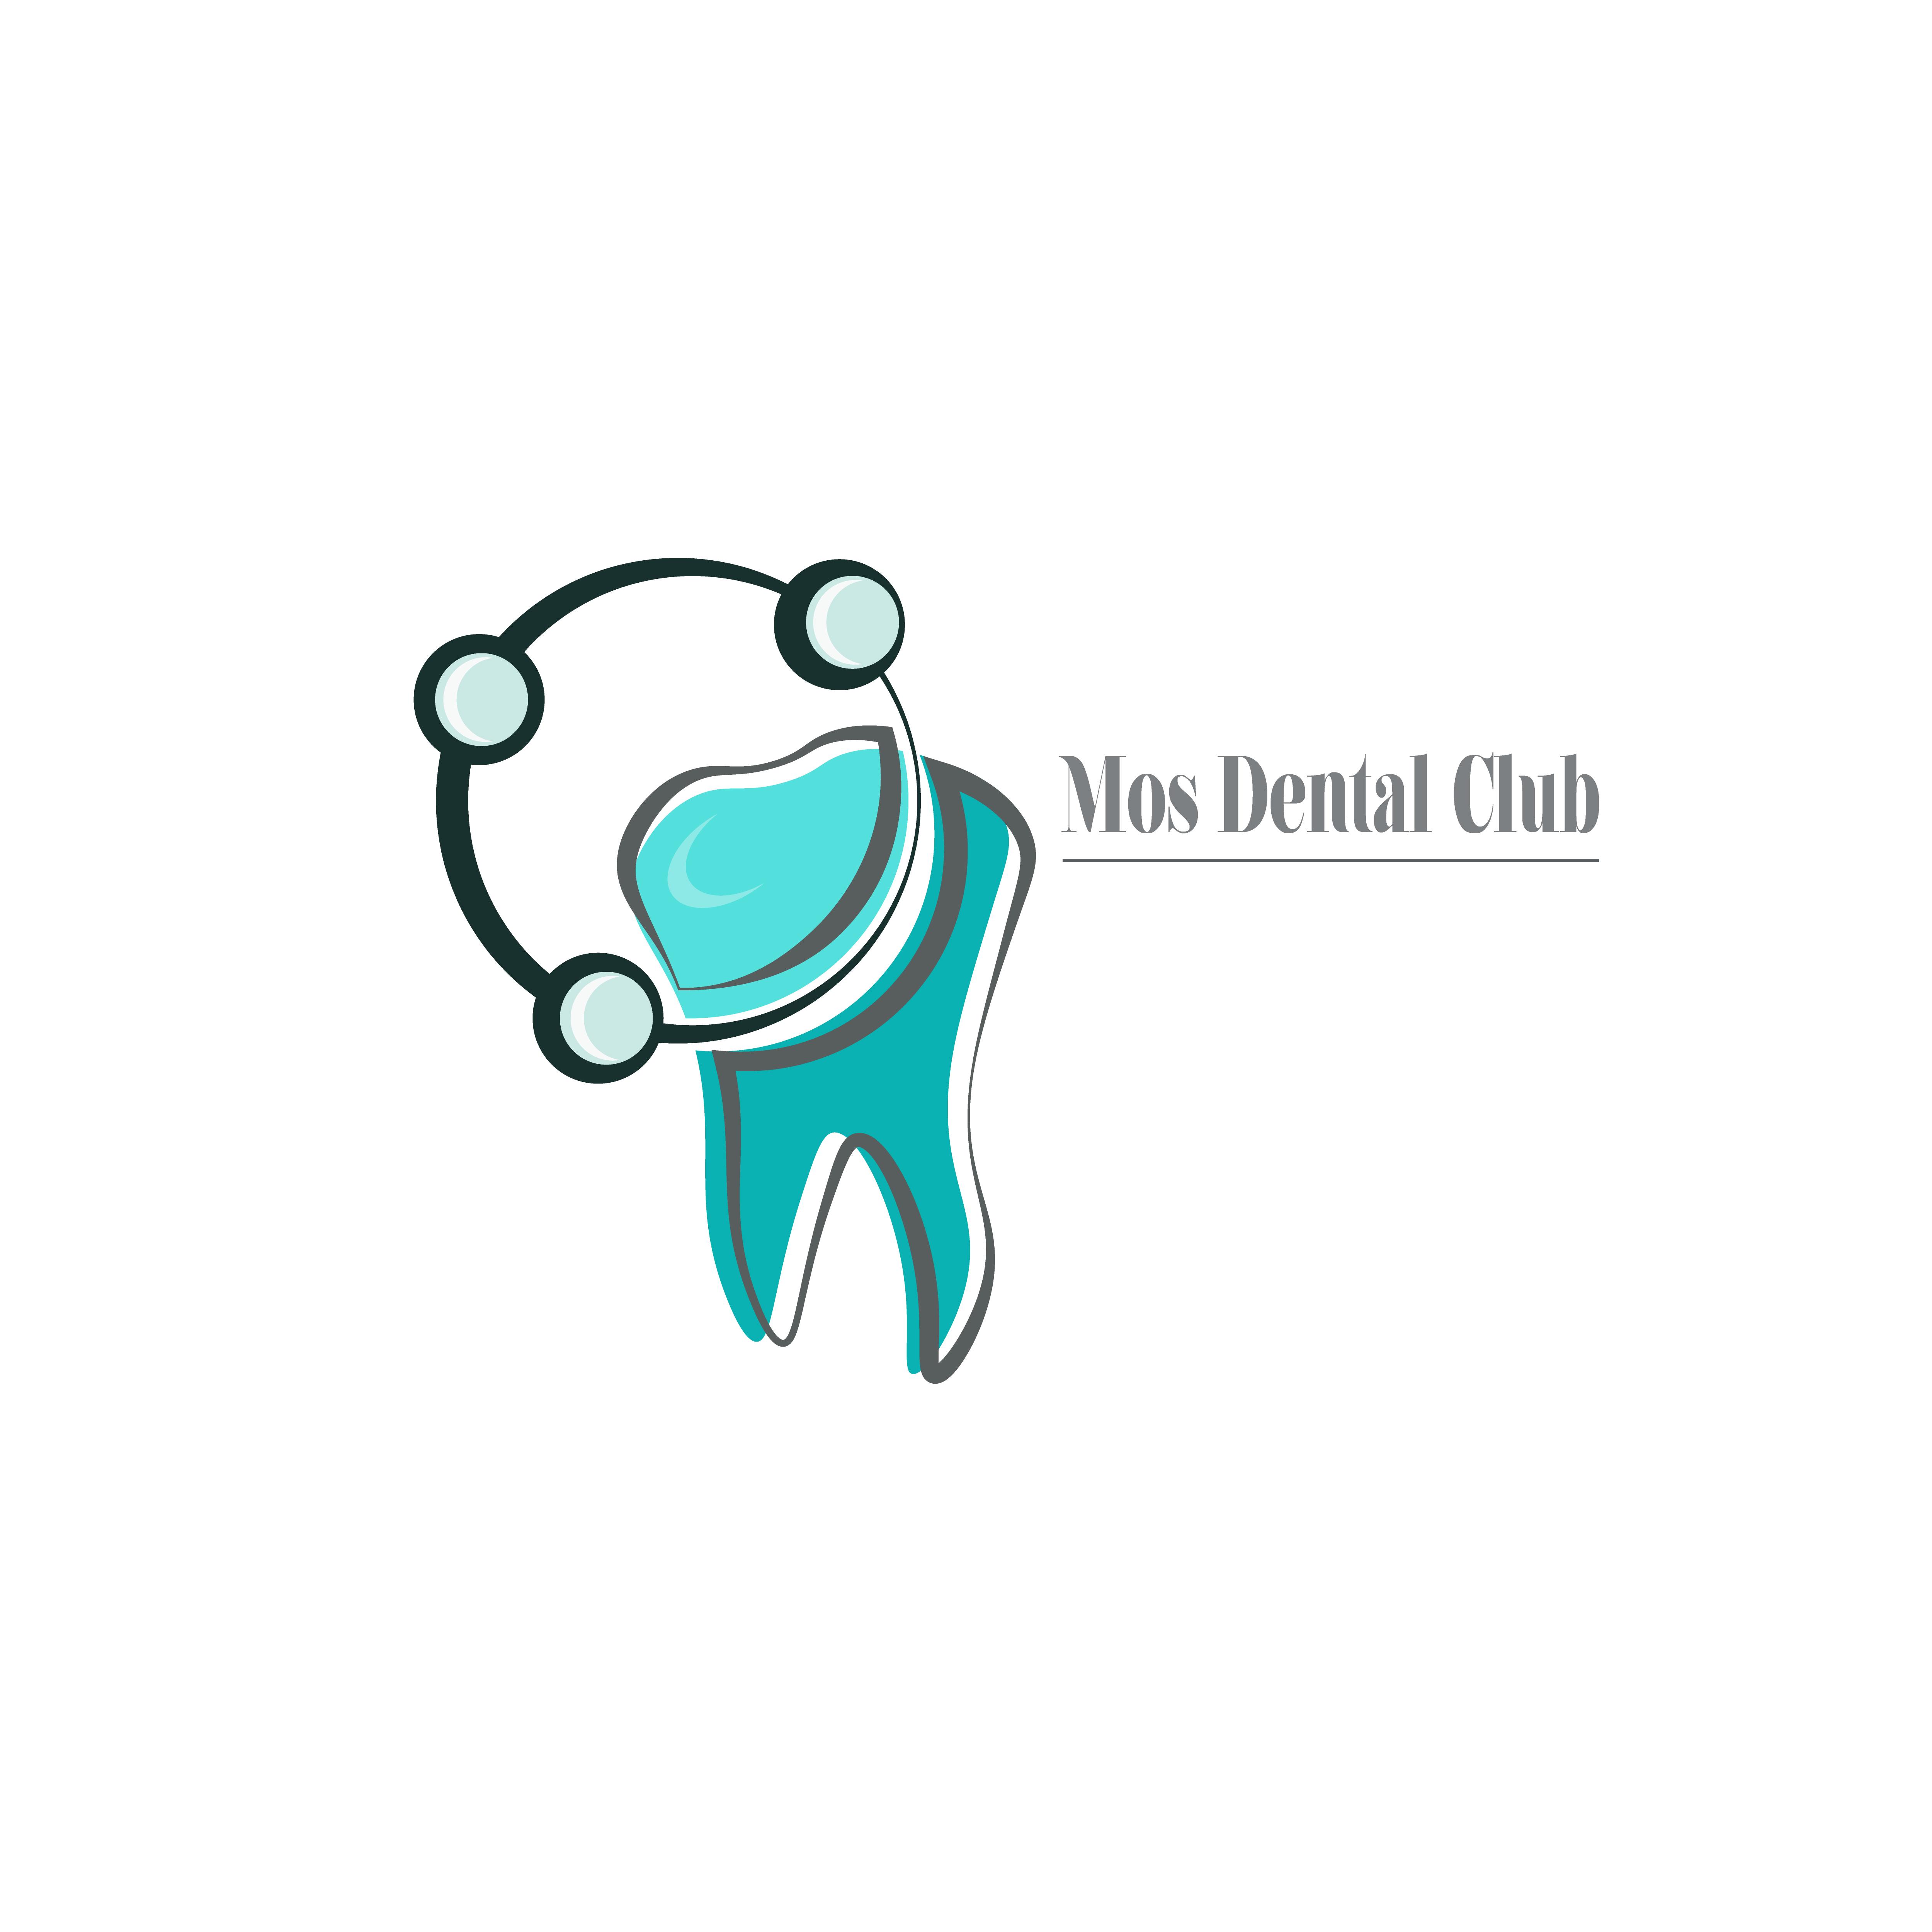 Разработка логотипа стоматологического медицинского центра фото f_8085e4664fa7c6d2.jpg